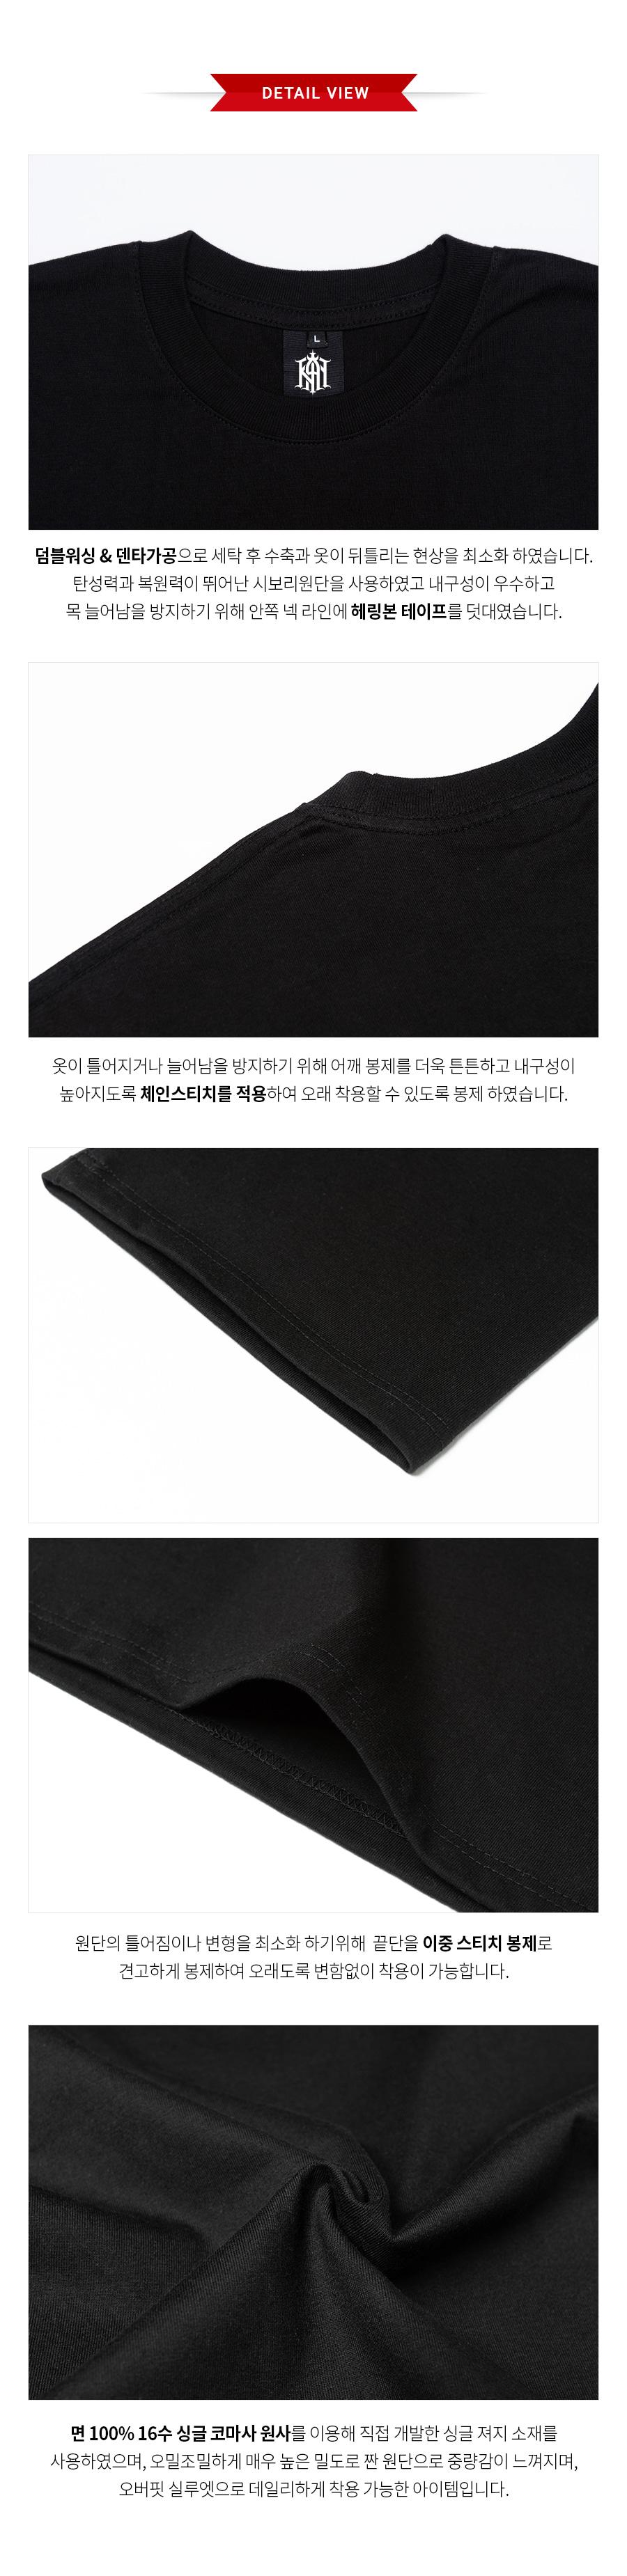 KTB0012 칸레터링 반팔티셔츠 - 블랙